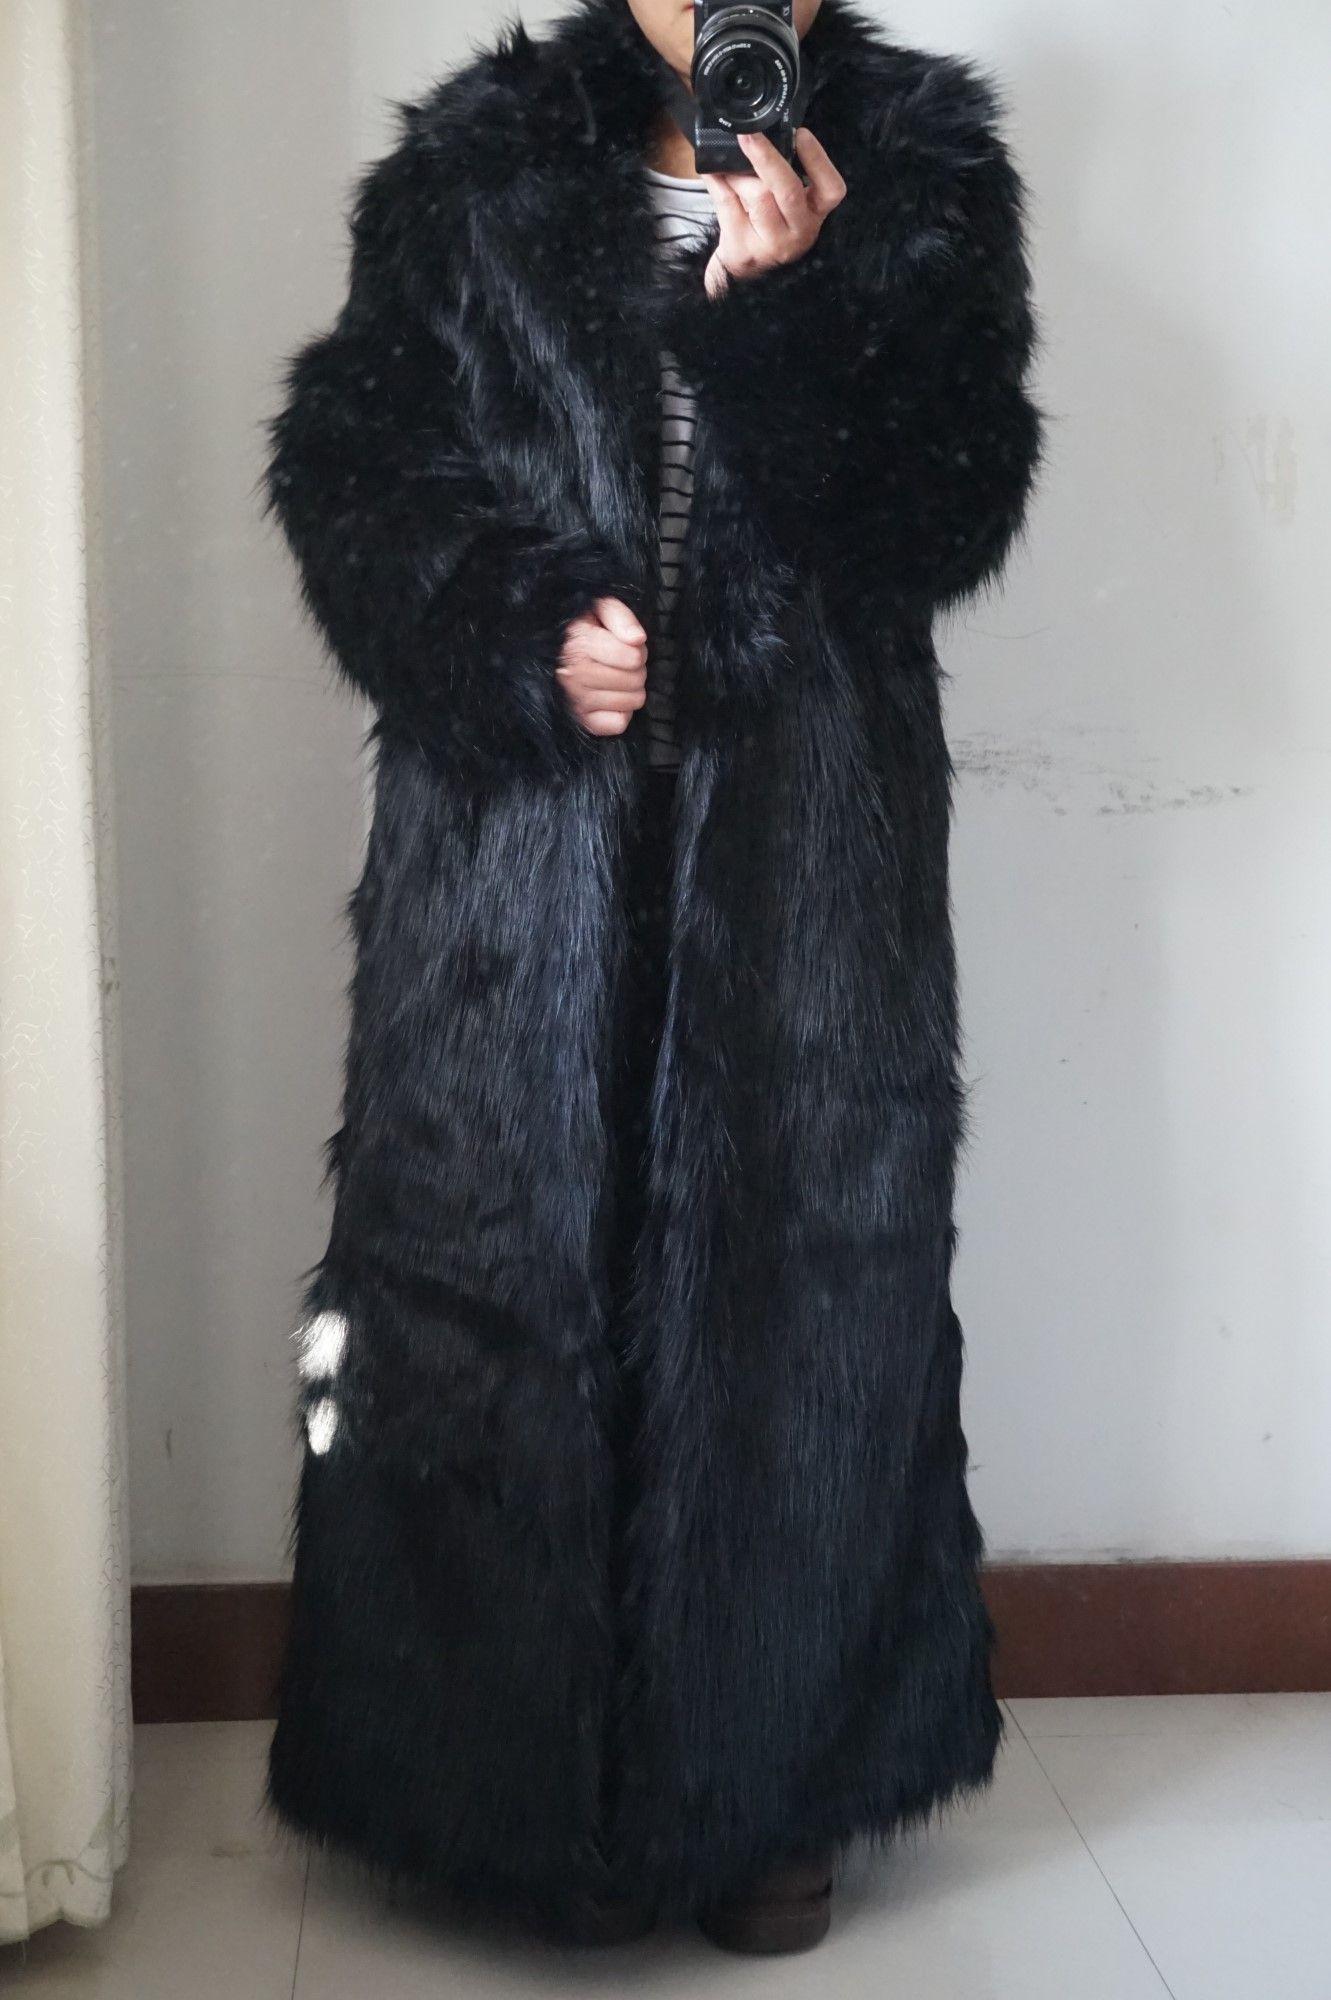 Long Faux Fox Fur Coat With Collar Women Warm Garment Furry Coats Fur Coat Faux Fox Fur Coat Coat [ 2000 x 1331 Pixel ]